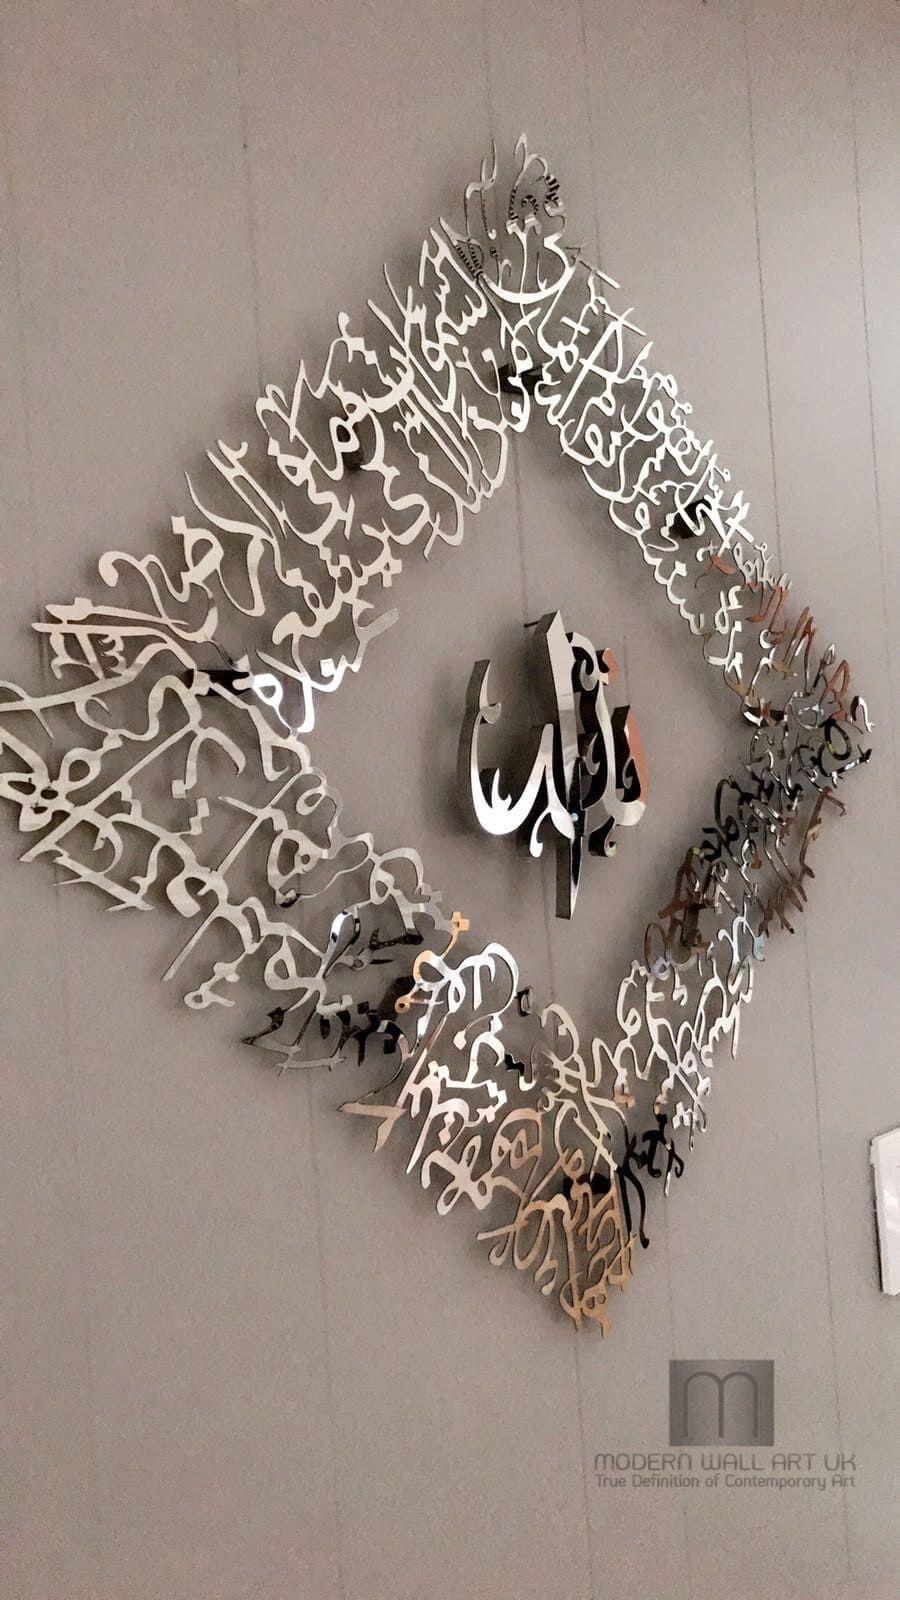 Vertical Bismillah Wall Art Stainless Steel Via Modern Wall Art Uk